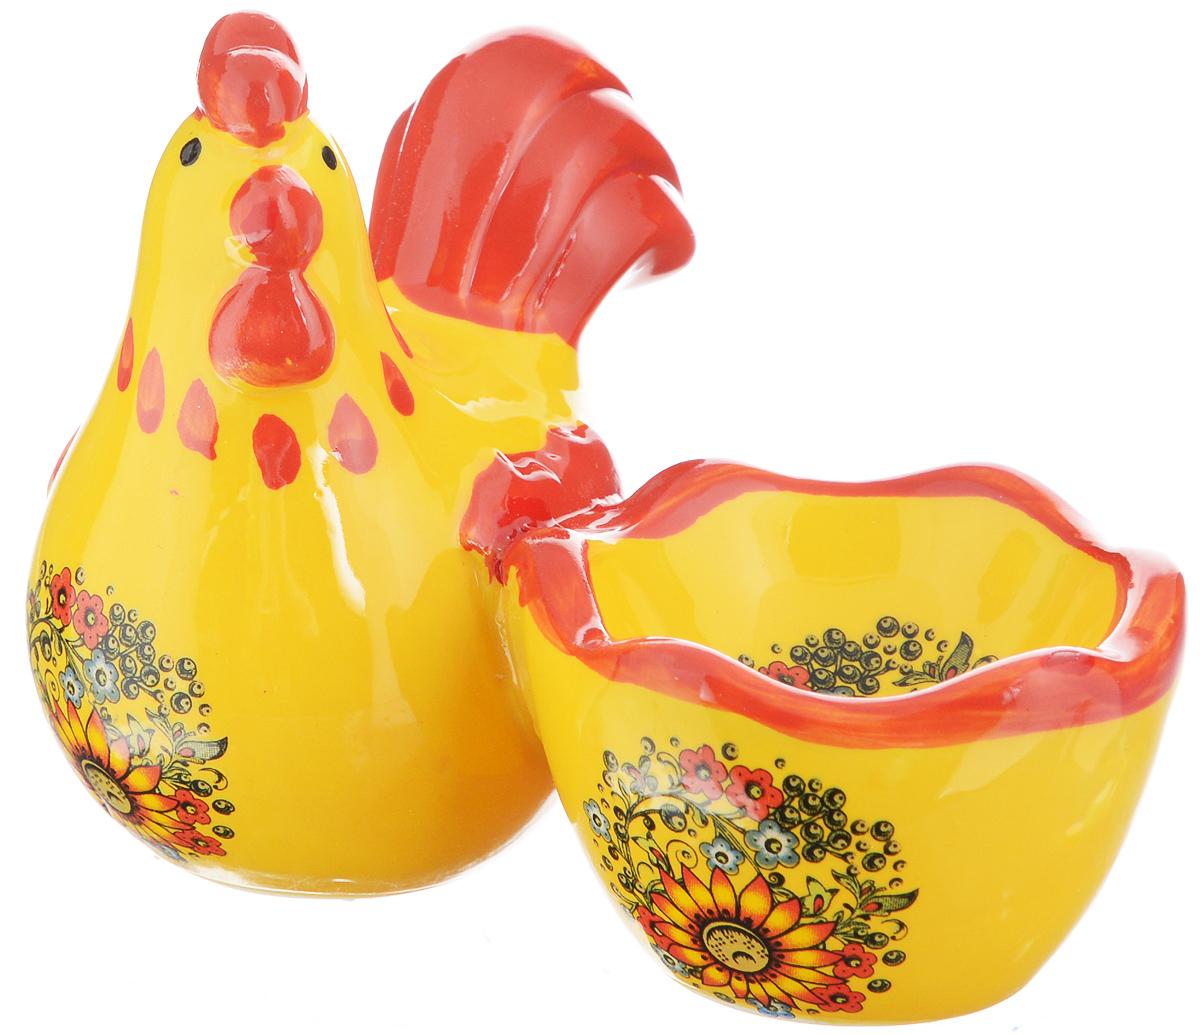 Подставка под яйцо Home Queen Узорная. 64252115510Подставка под яйцо Home Queen Узорная изготовлена из высококачественной глазурованной керамики, расписанной красивыми узорами. Изделие представляет собой фигурку курочки с подставкой для одного яйца. Такая подставка станет оригинальным украшением праздничного стола на Пасху и создаст особое настроение. Посуда не предназначена для использования в микроволновой печи и посудомоечной машине. Выдерживает температуру от -10° до +100°С. Не использовать в морозильной камере. Диаметр выемки для яйца: 5 см.